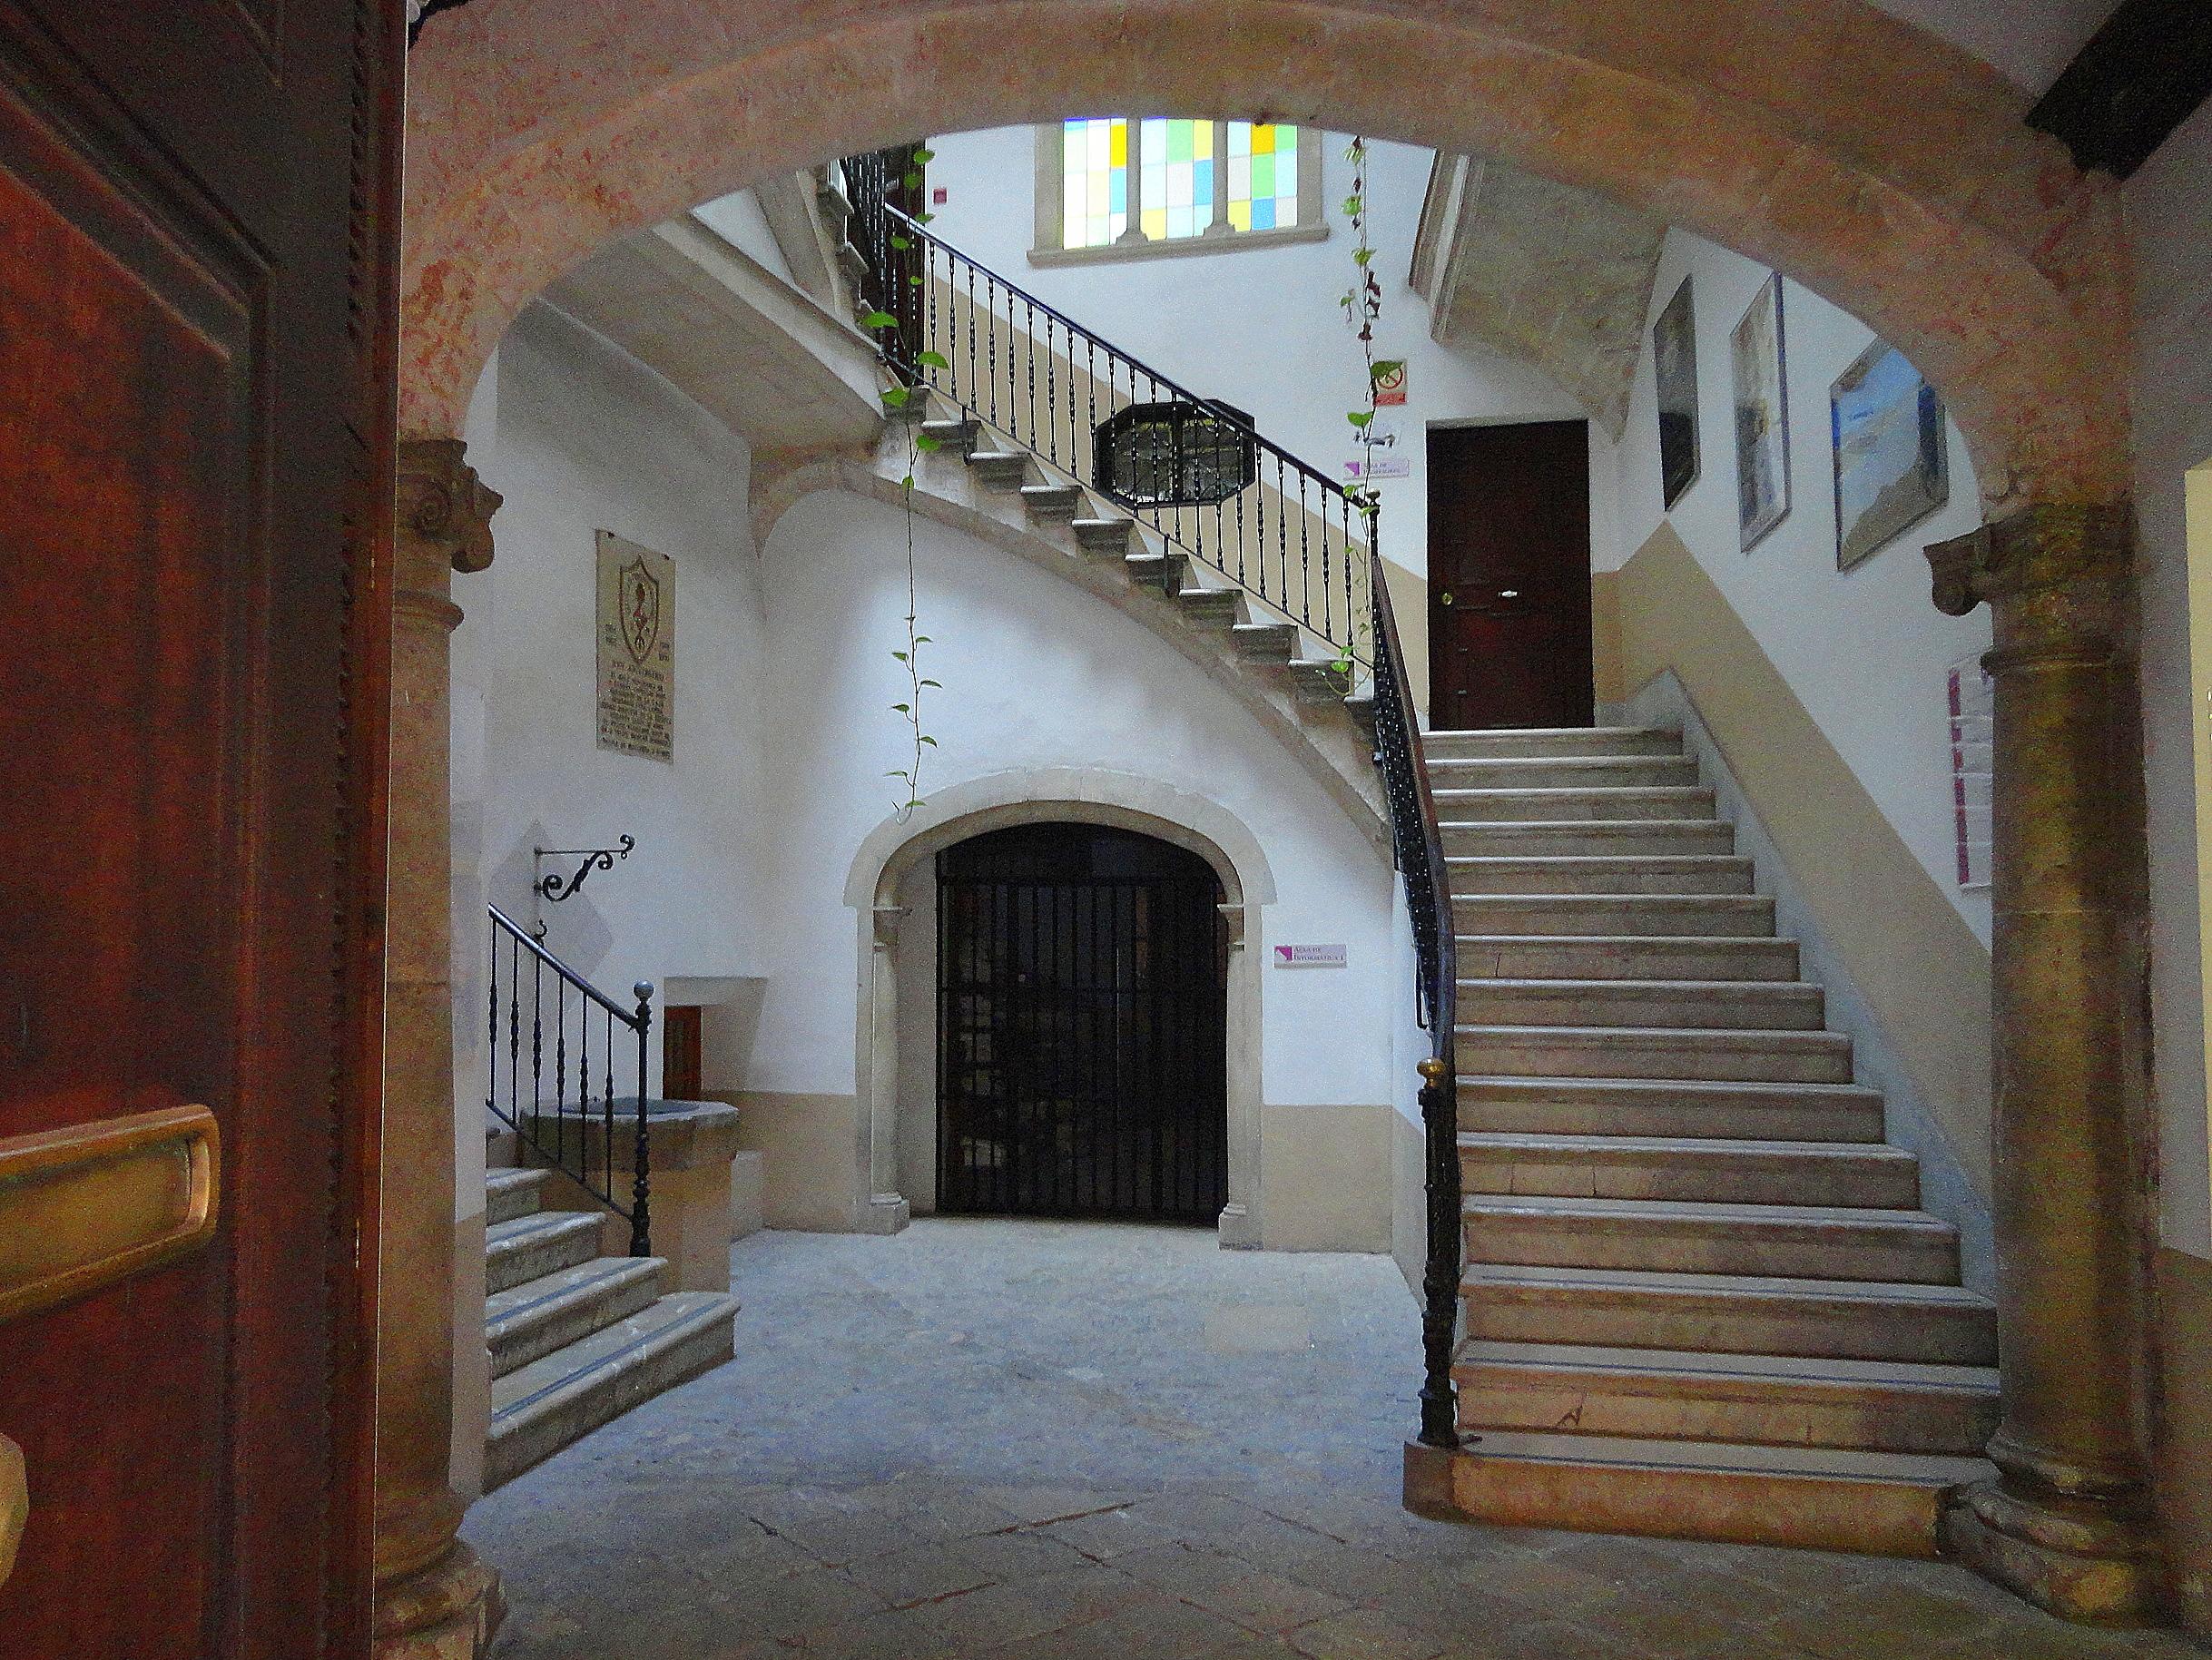 El patio mallorqu n ejemplo perfecto de arquitectura - Casas antiguas por dentro ...